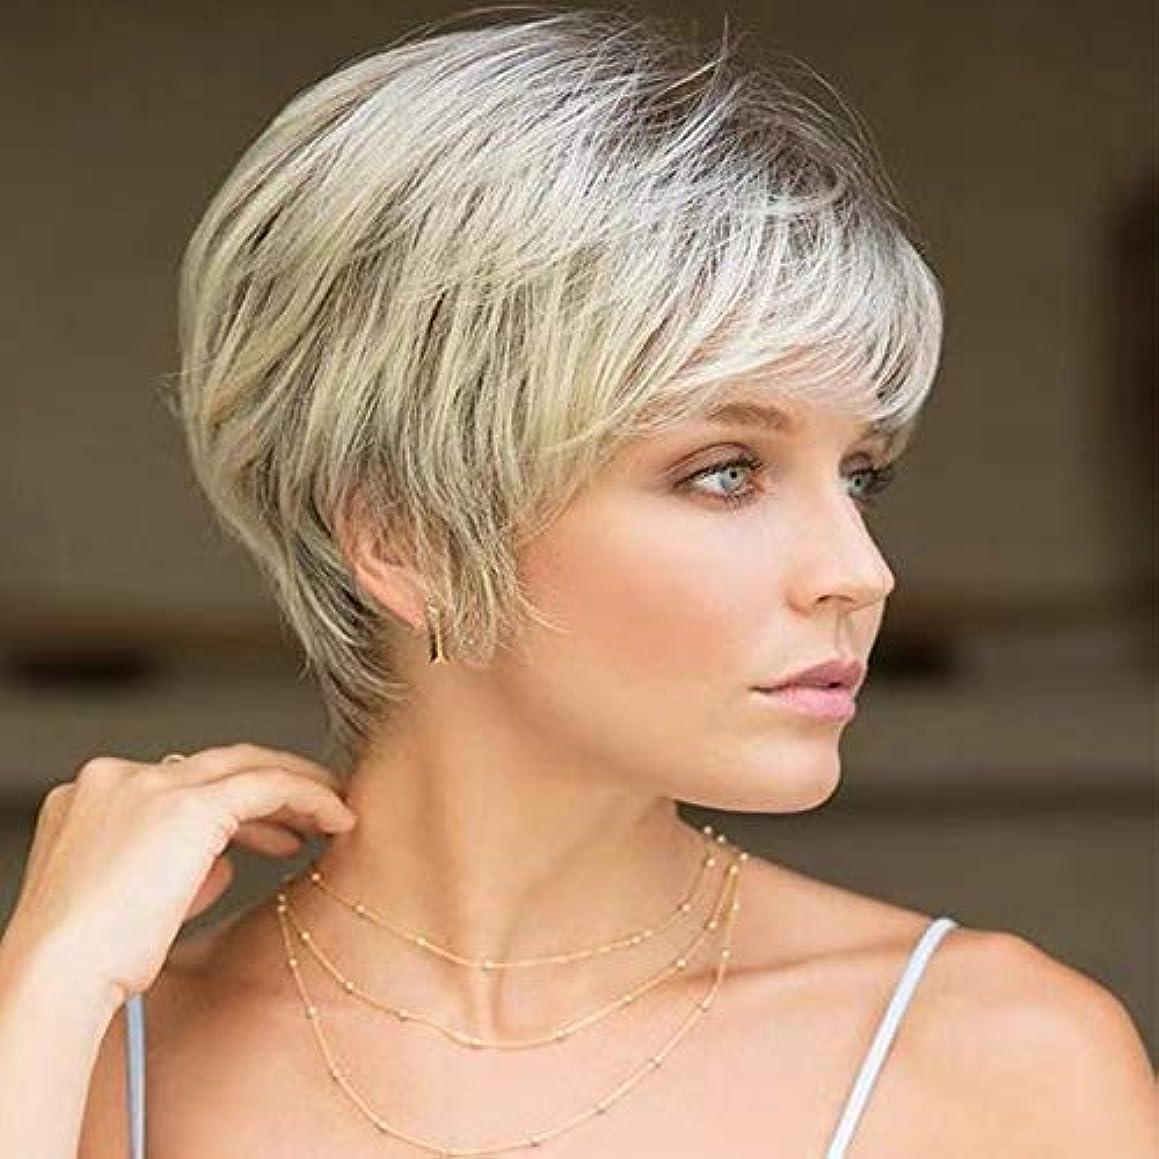 カヌー市場厚くする女性用ライトブロンドショートカーリーヘアウィッグ自然髪ウィッグ前髪付き合成フルヘアウィッグ女性と女の子用ハロウィンコスプレパーティーウィッグ